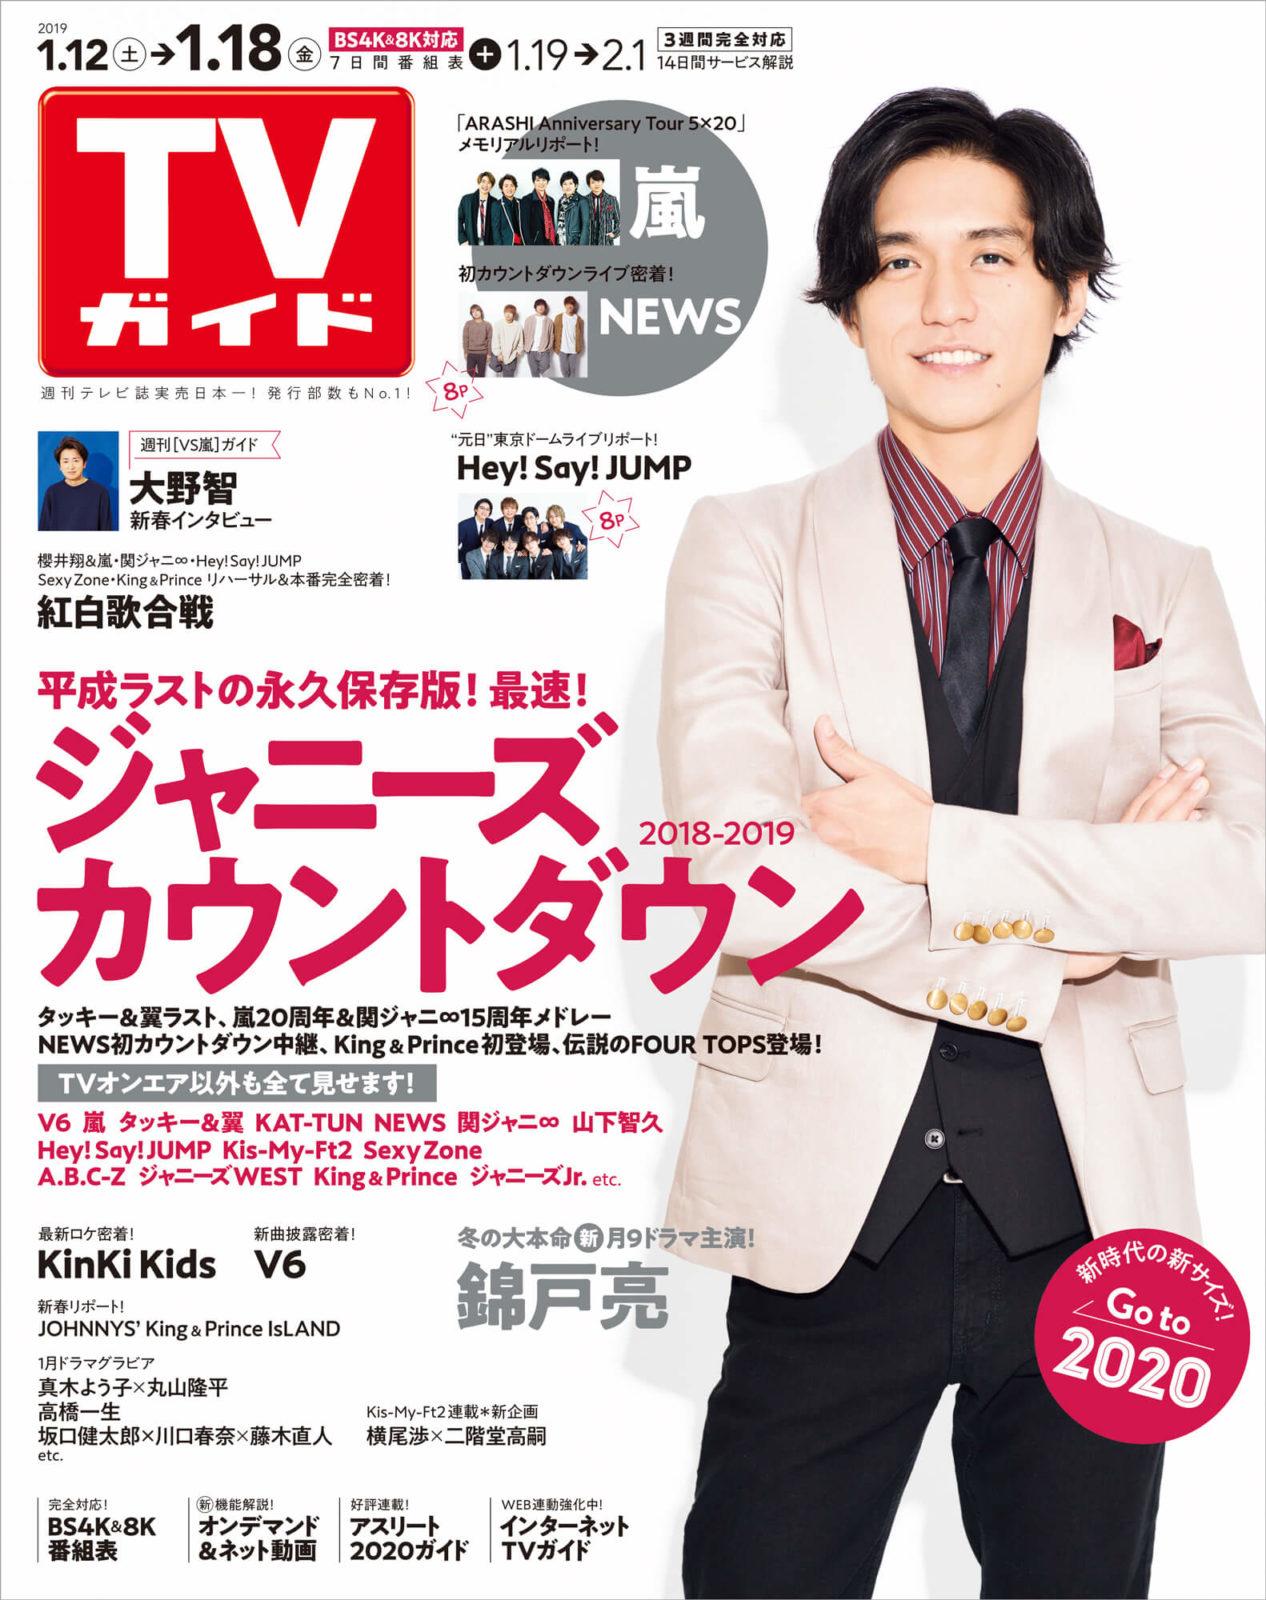 生田斗真、タッキー&翼へ熱いメッセージ「これからの人生を応援したい」サムネイル画像